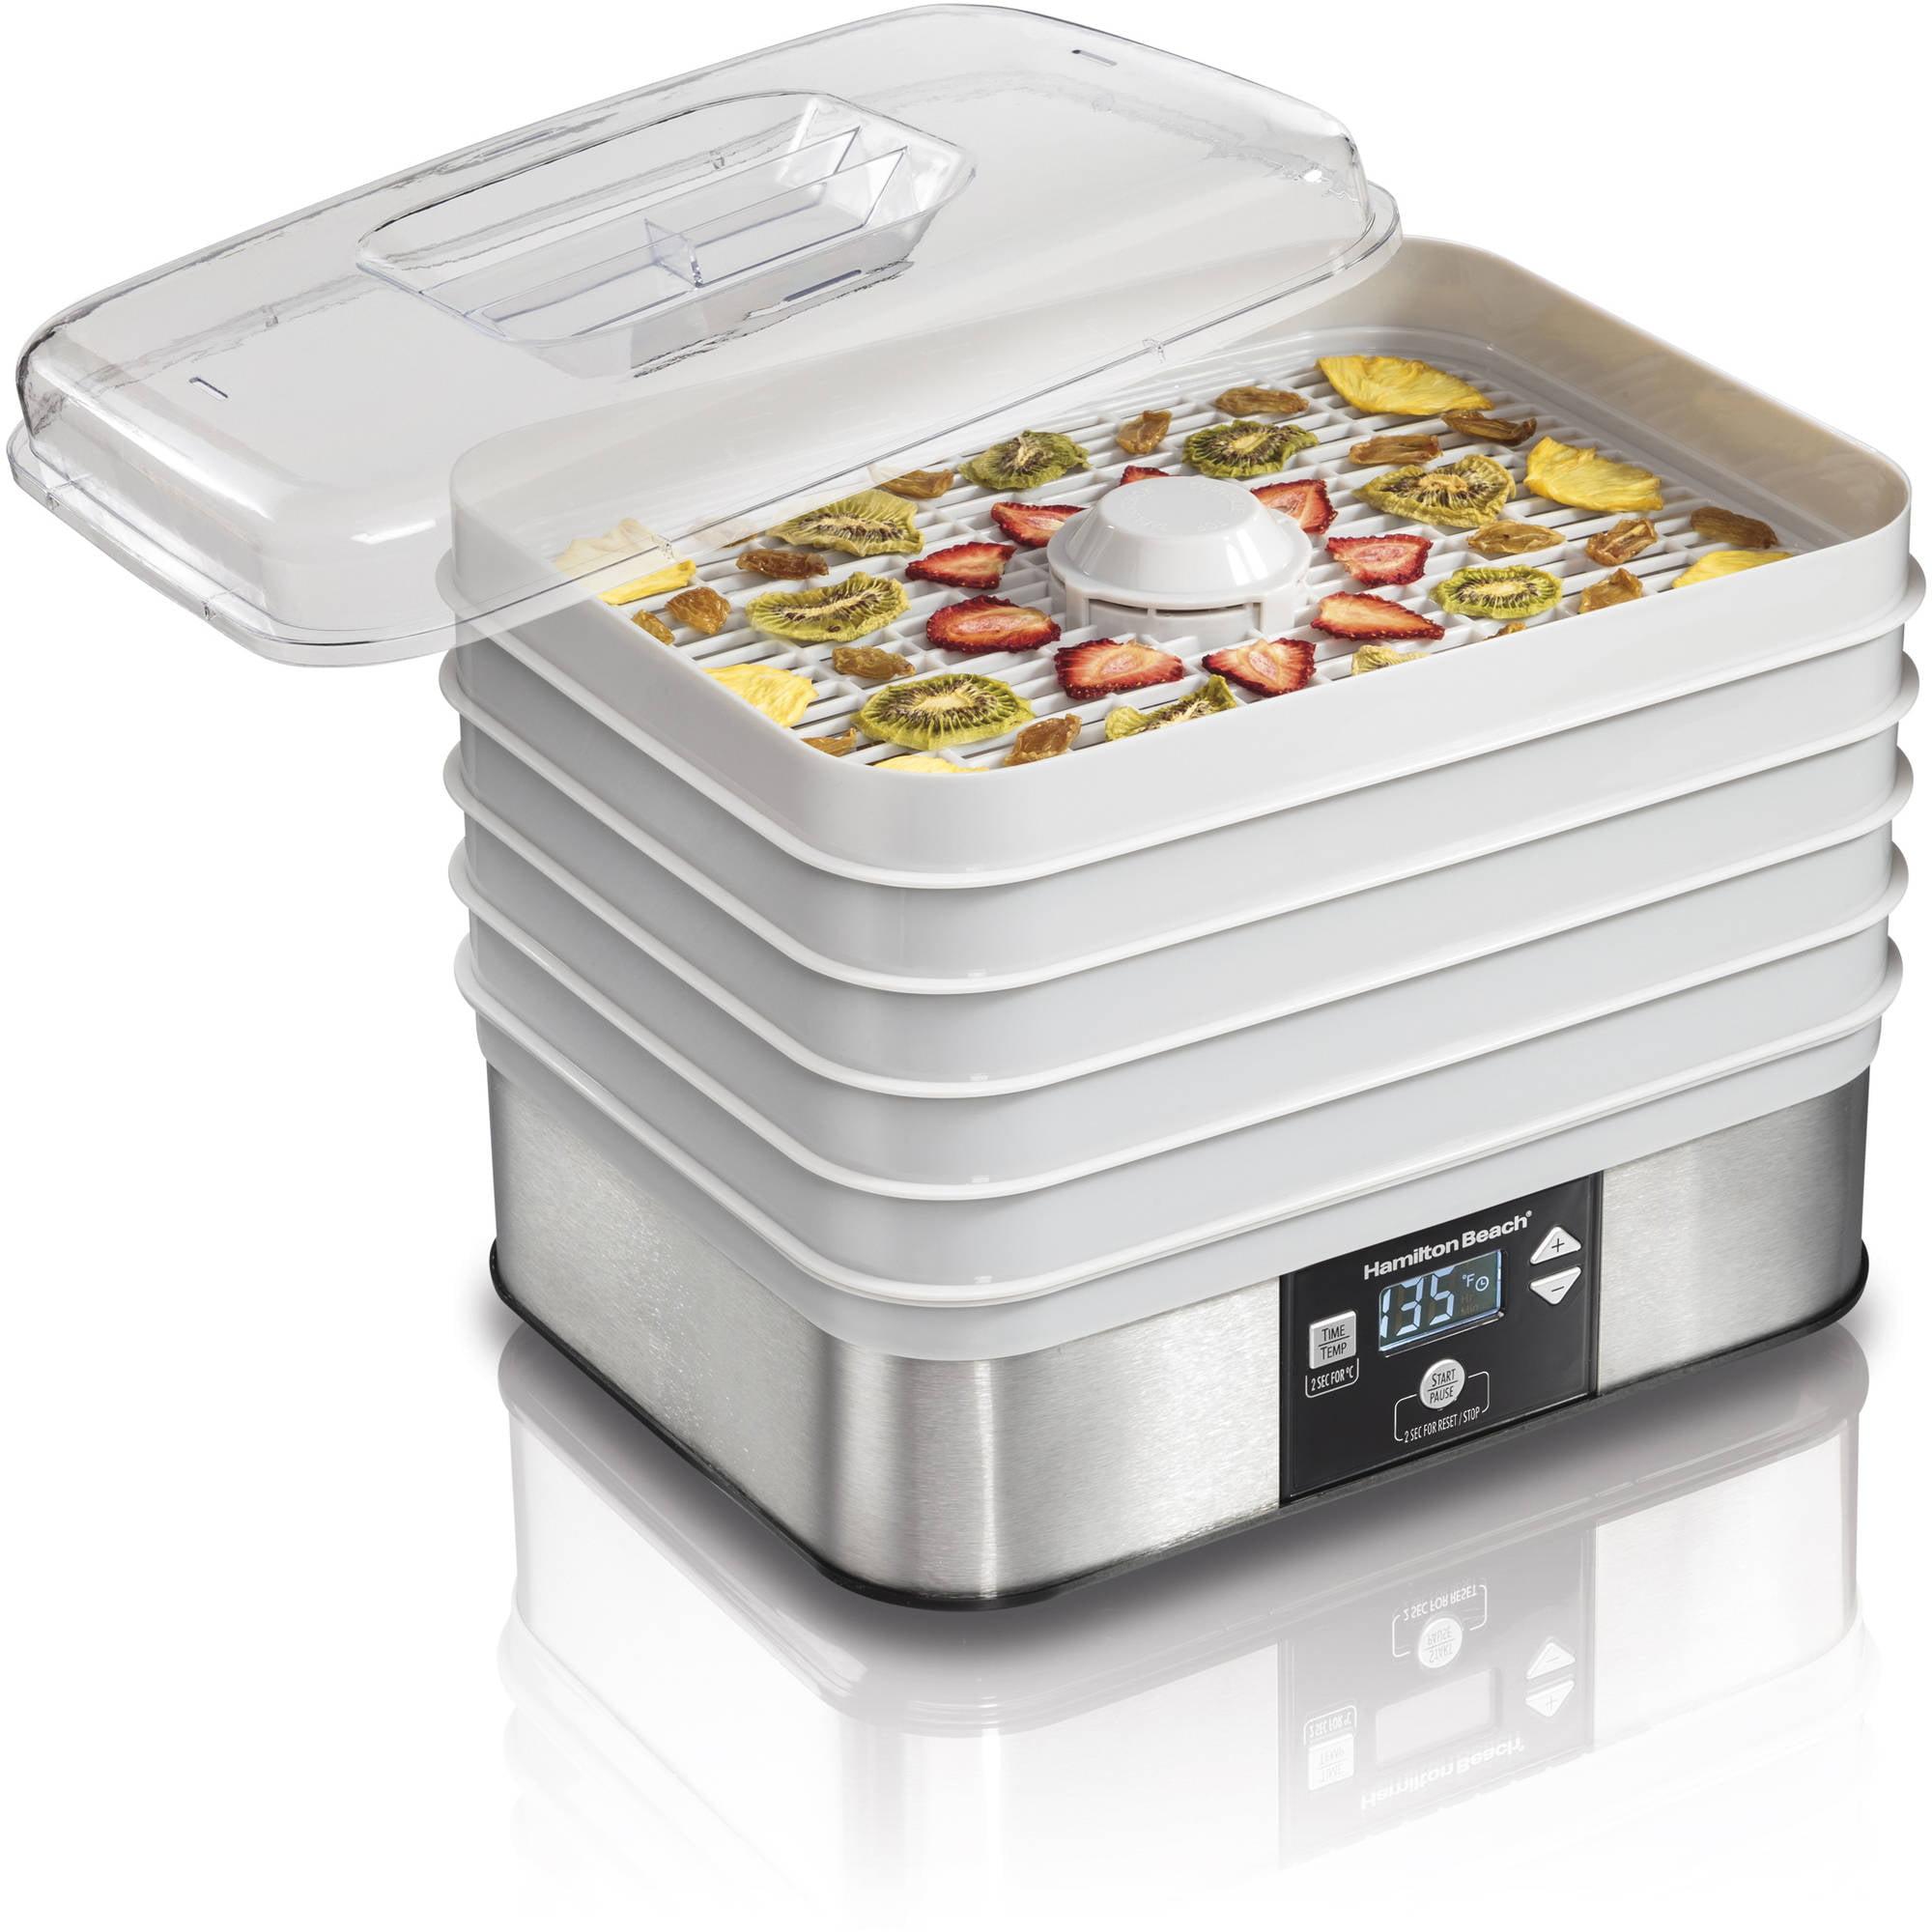 Hamilton Beach 5 Shelf Digital Food Dehydrator | Model# 32100